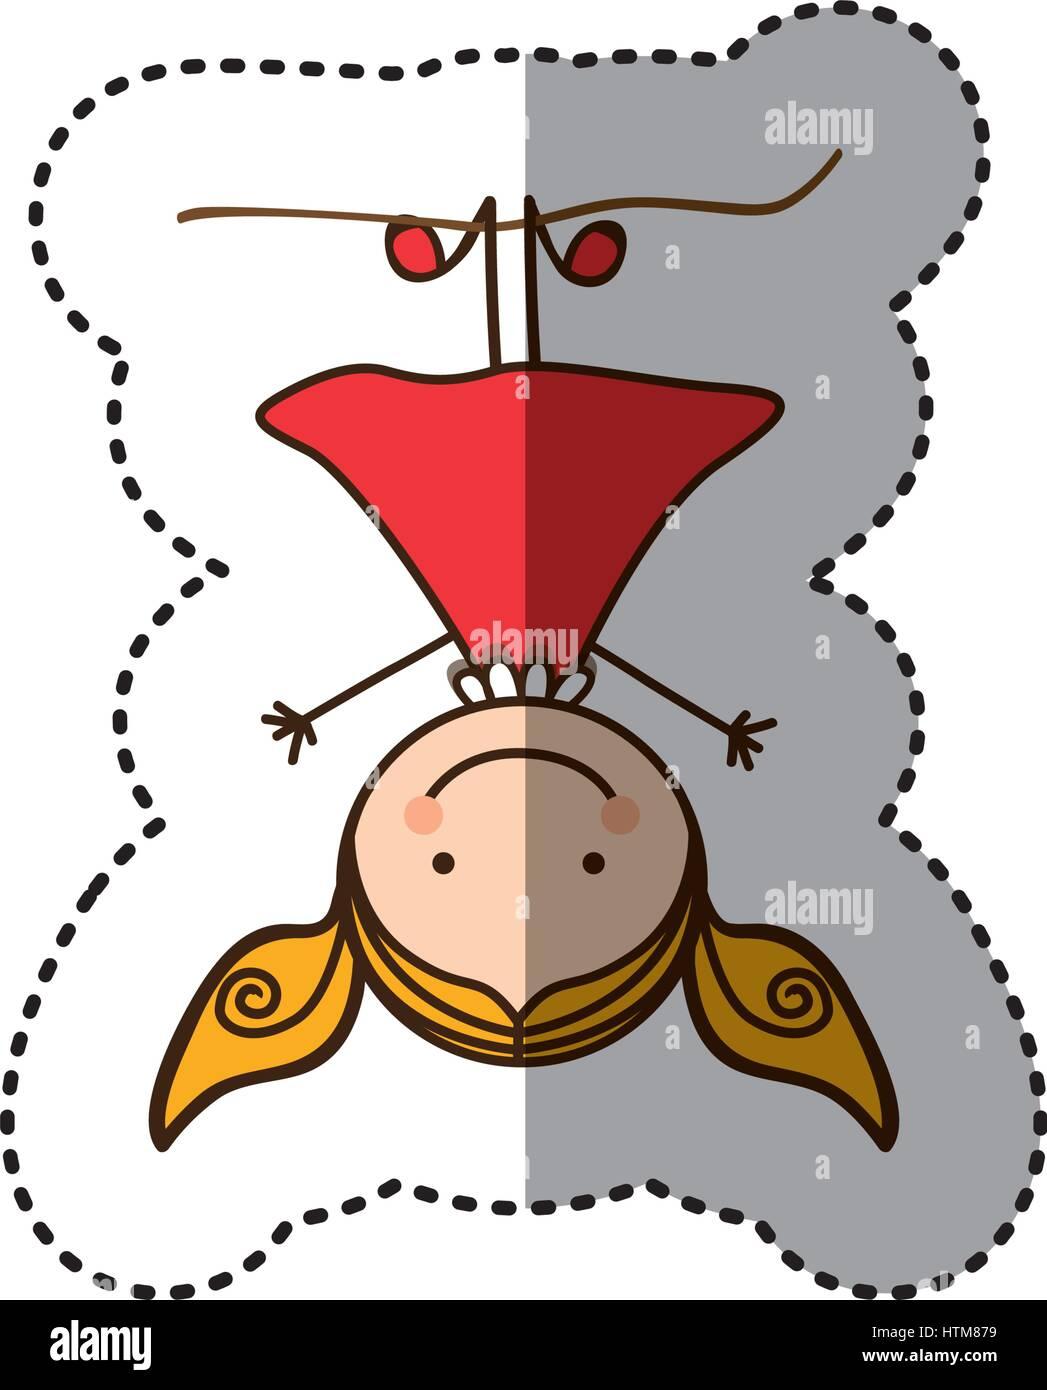 Pegatina colorida caricatura chica con cabello pigtails colgado boca abajo Ilustración del Vector